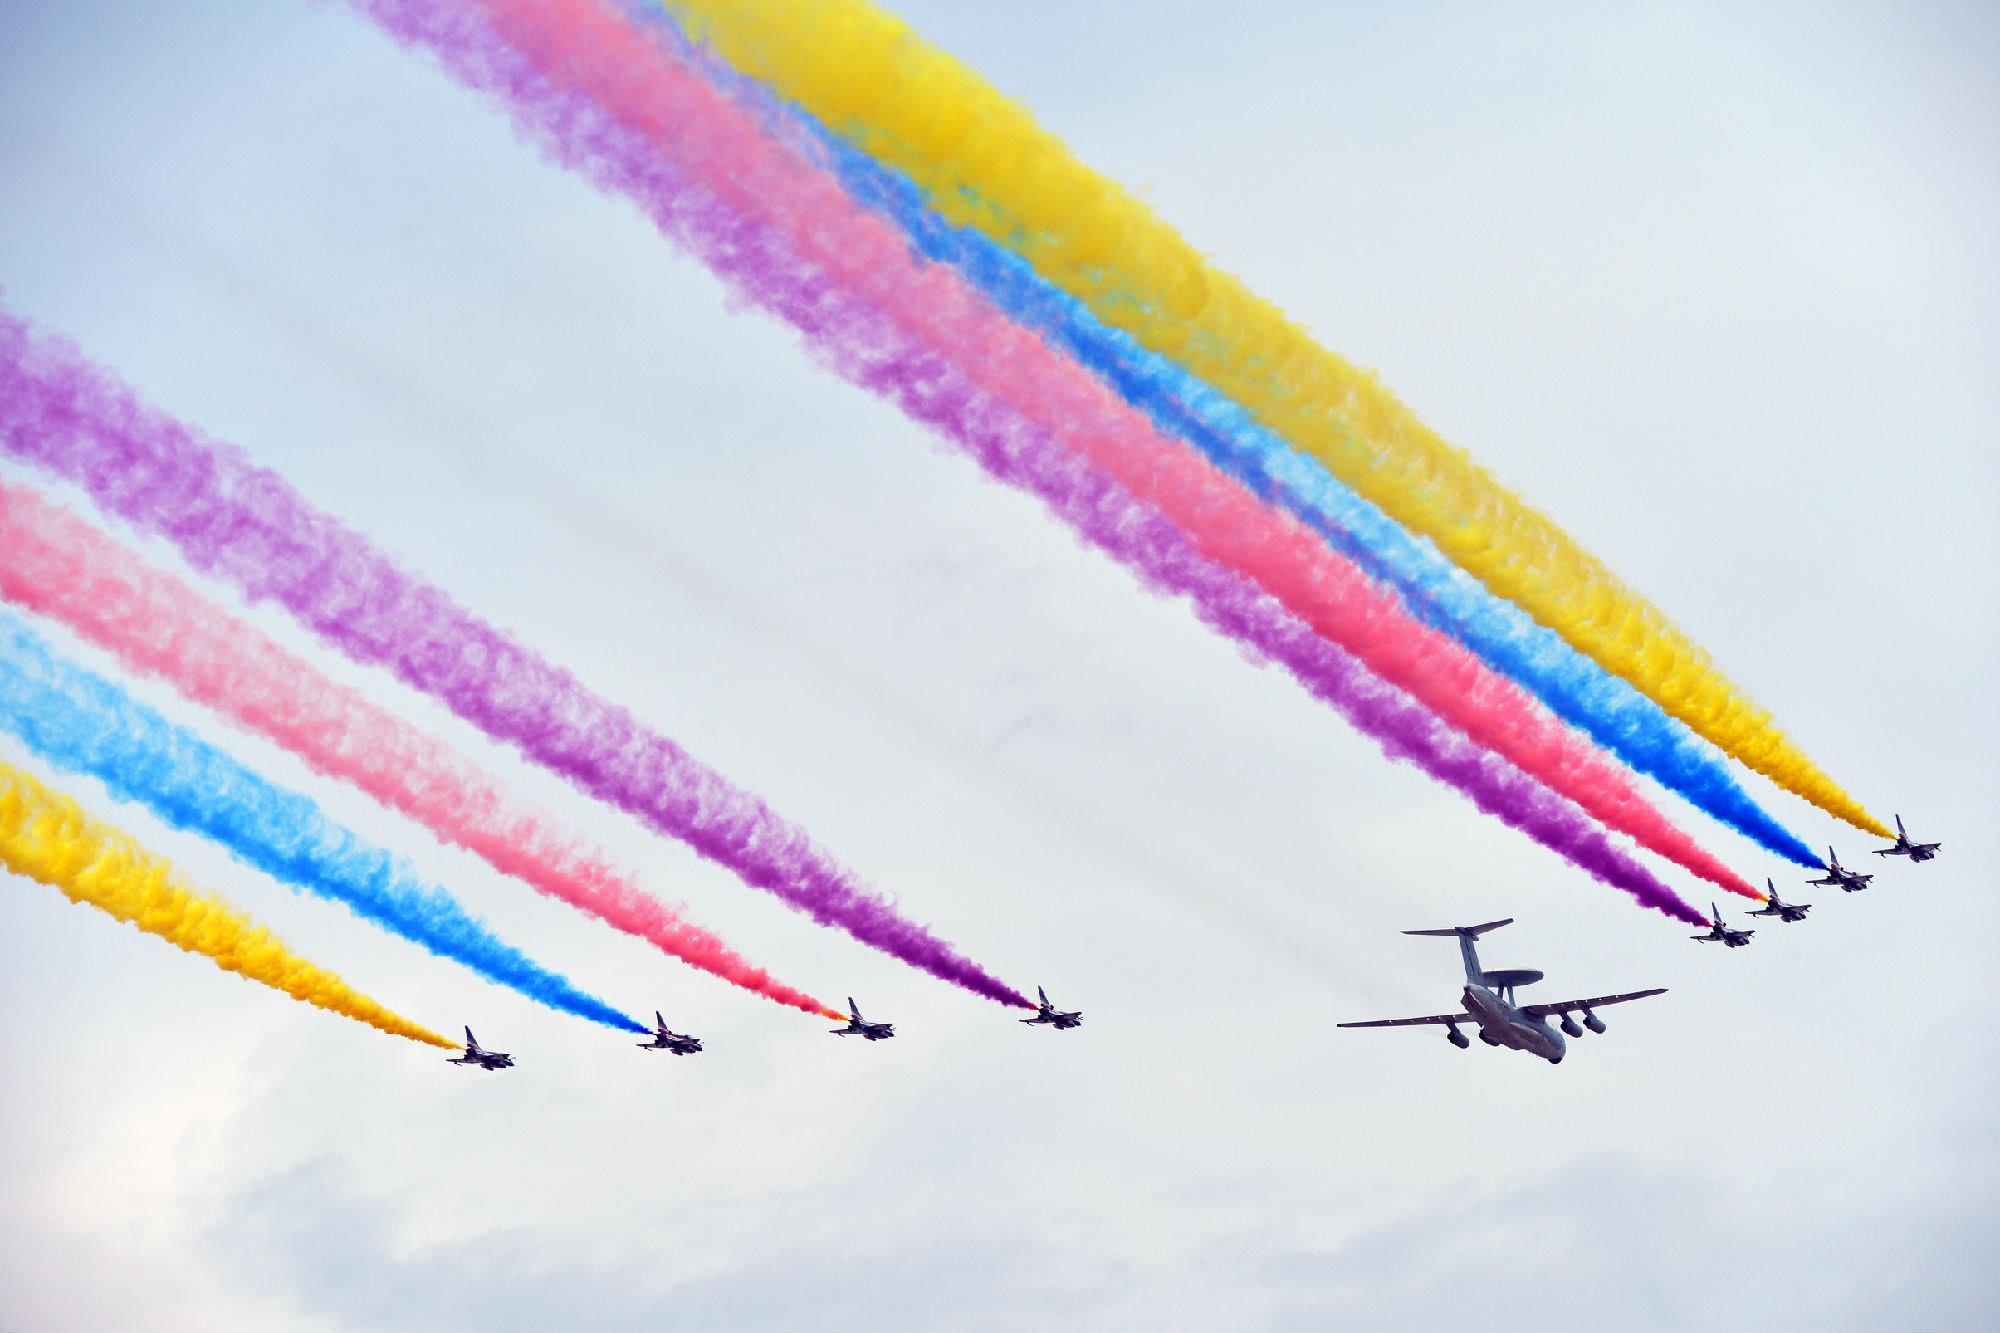 飞机阅兵礼儿童绘画